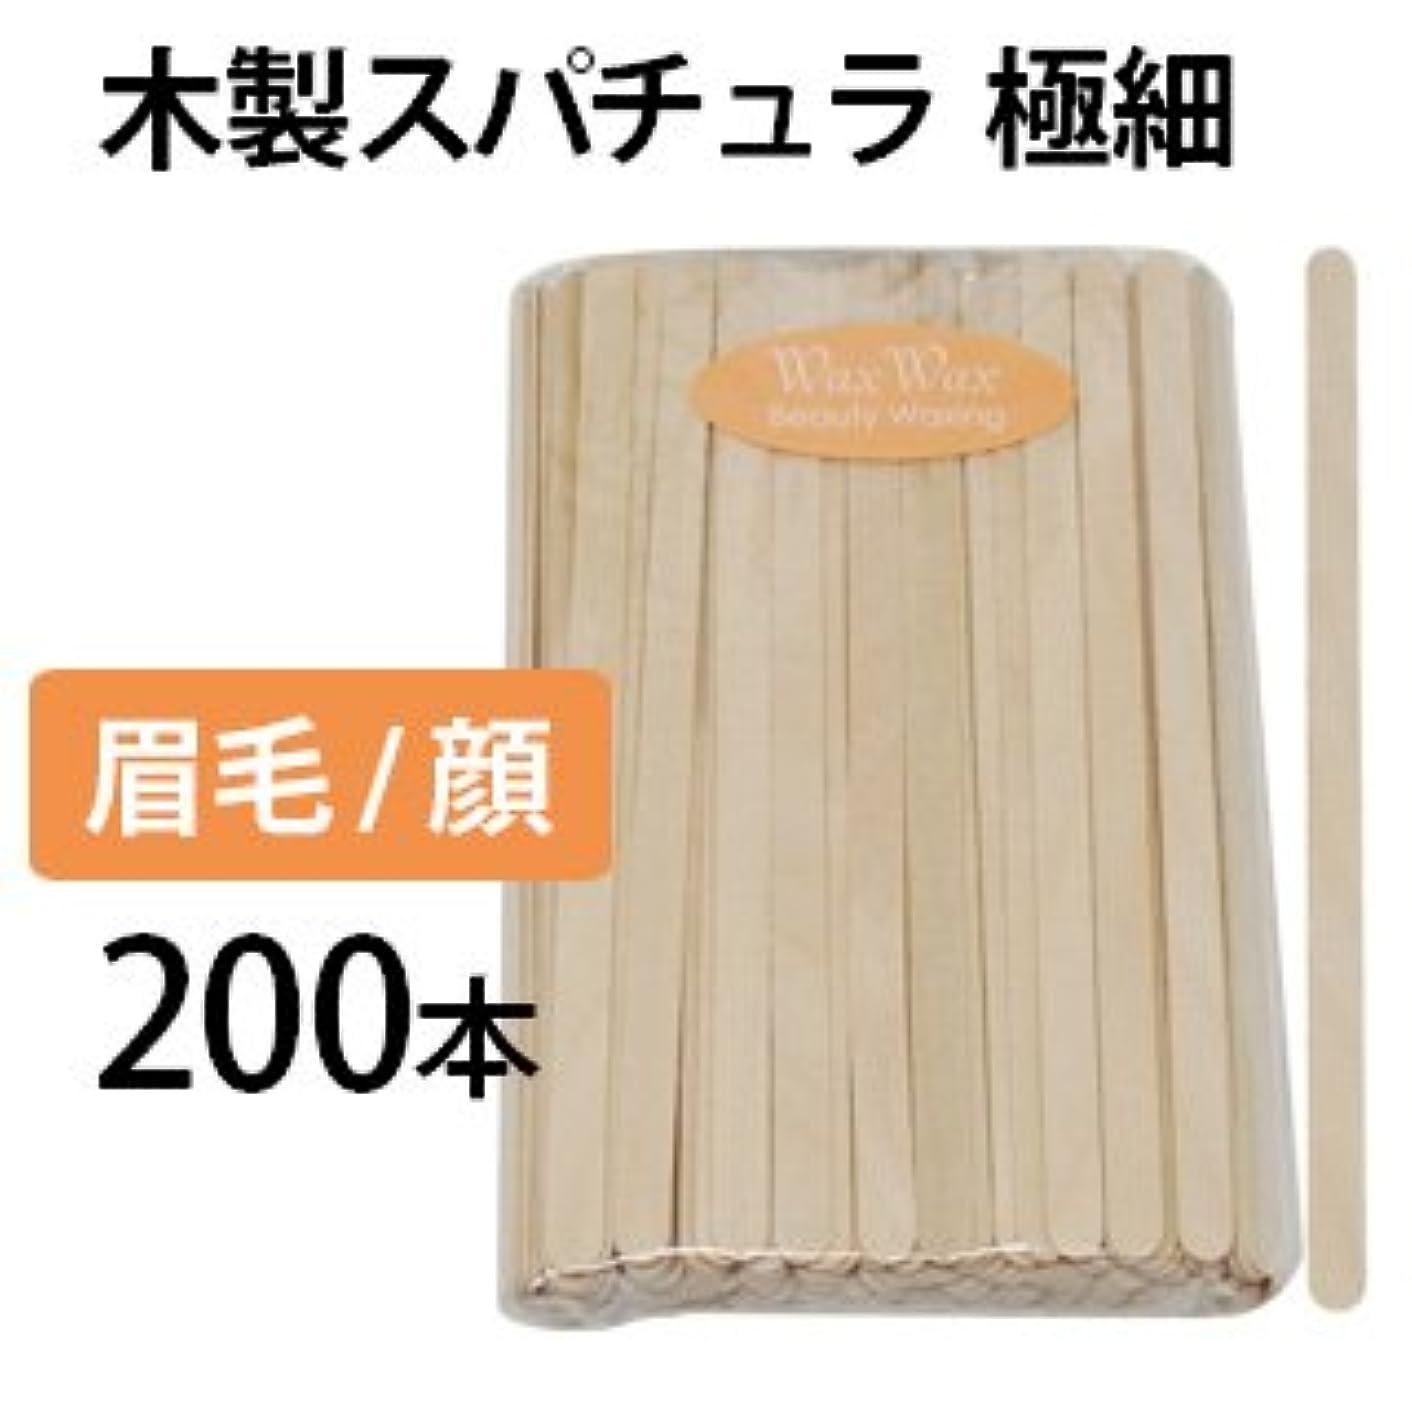 無歩行者パーセント眉毛 アイブロウ用スパチュラ 200本セット 極細 木製スパチュラ 使い捨て